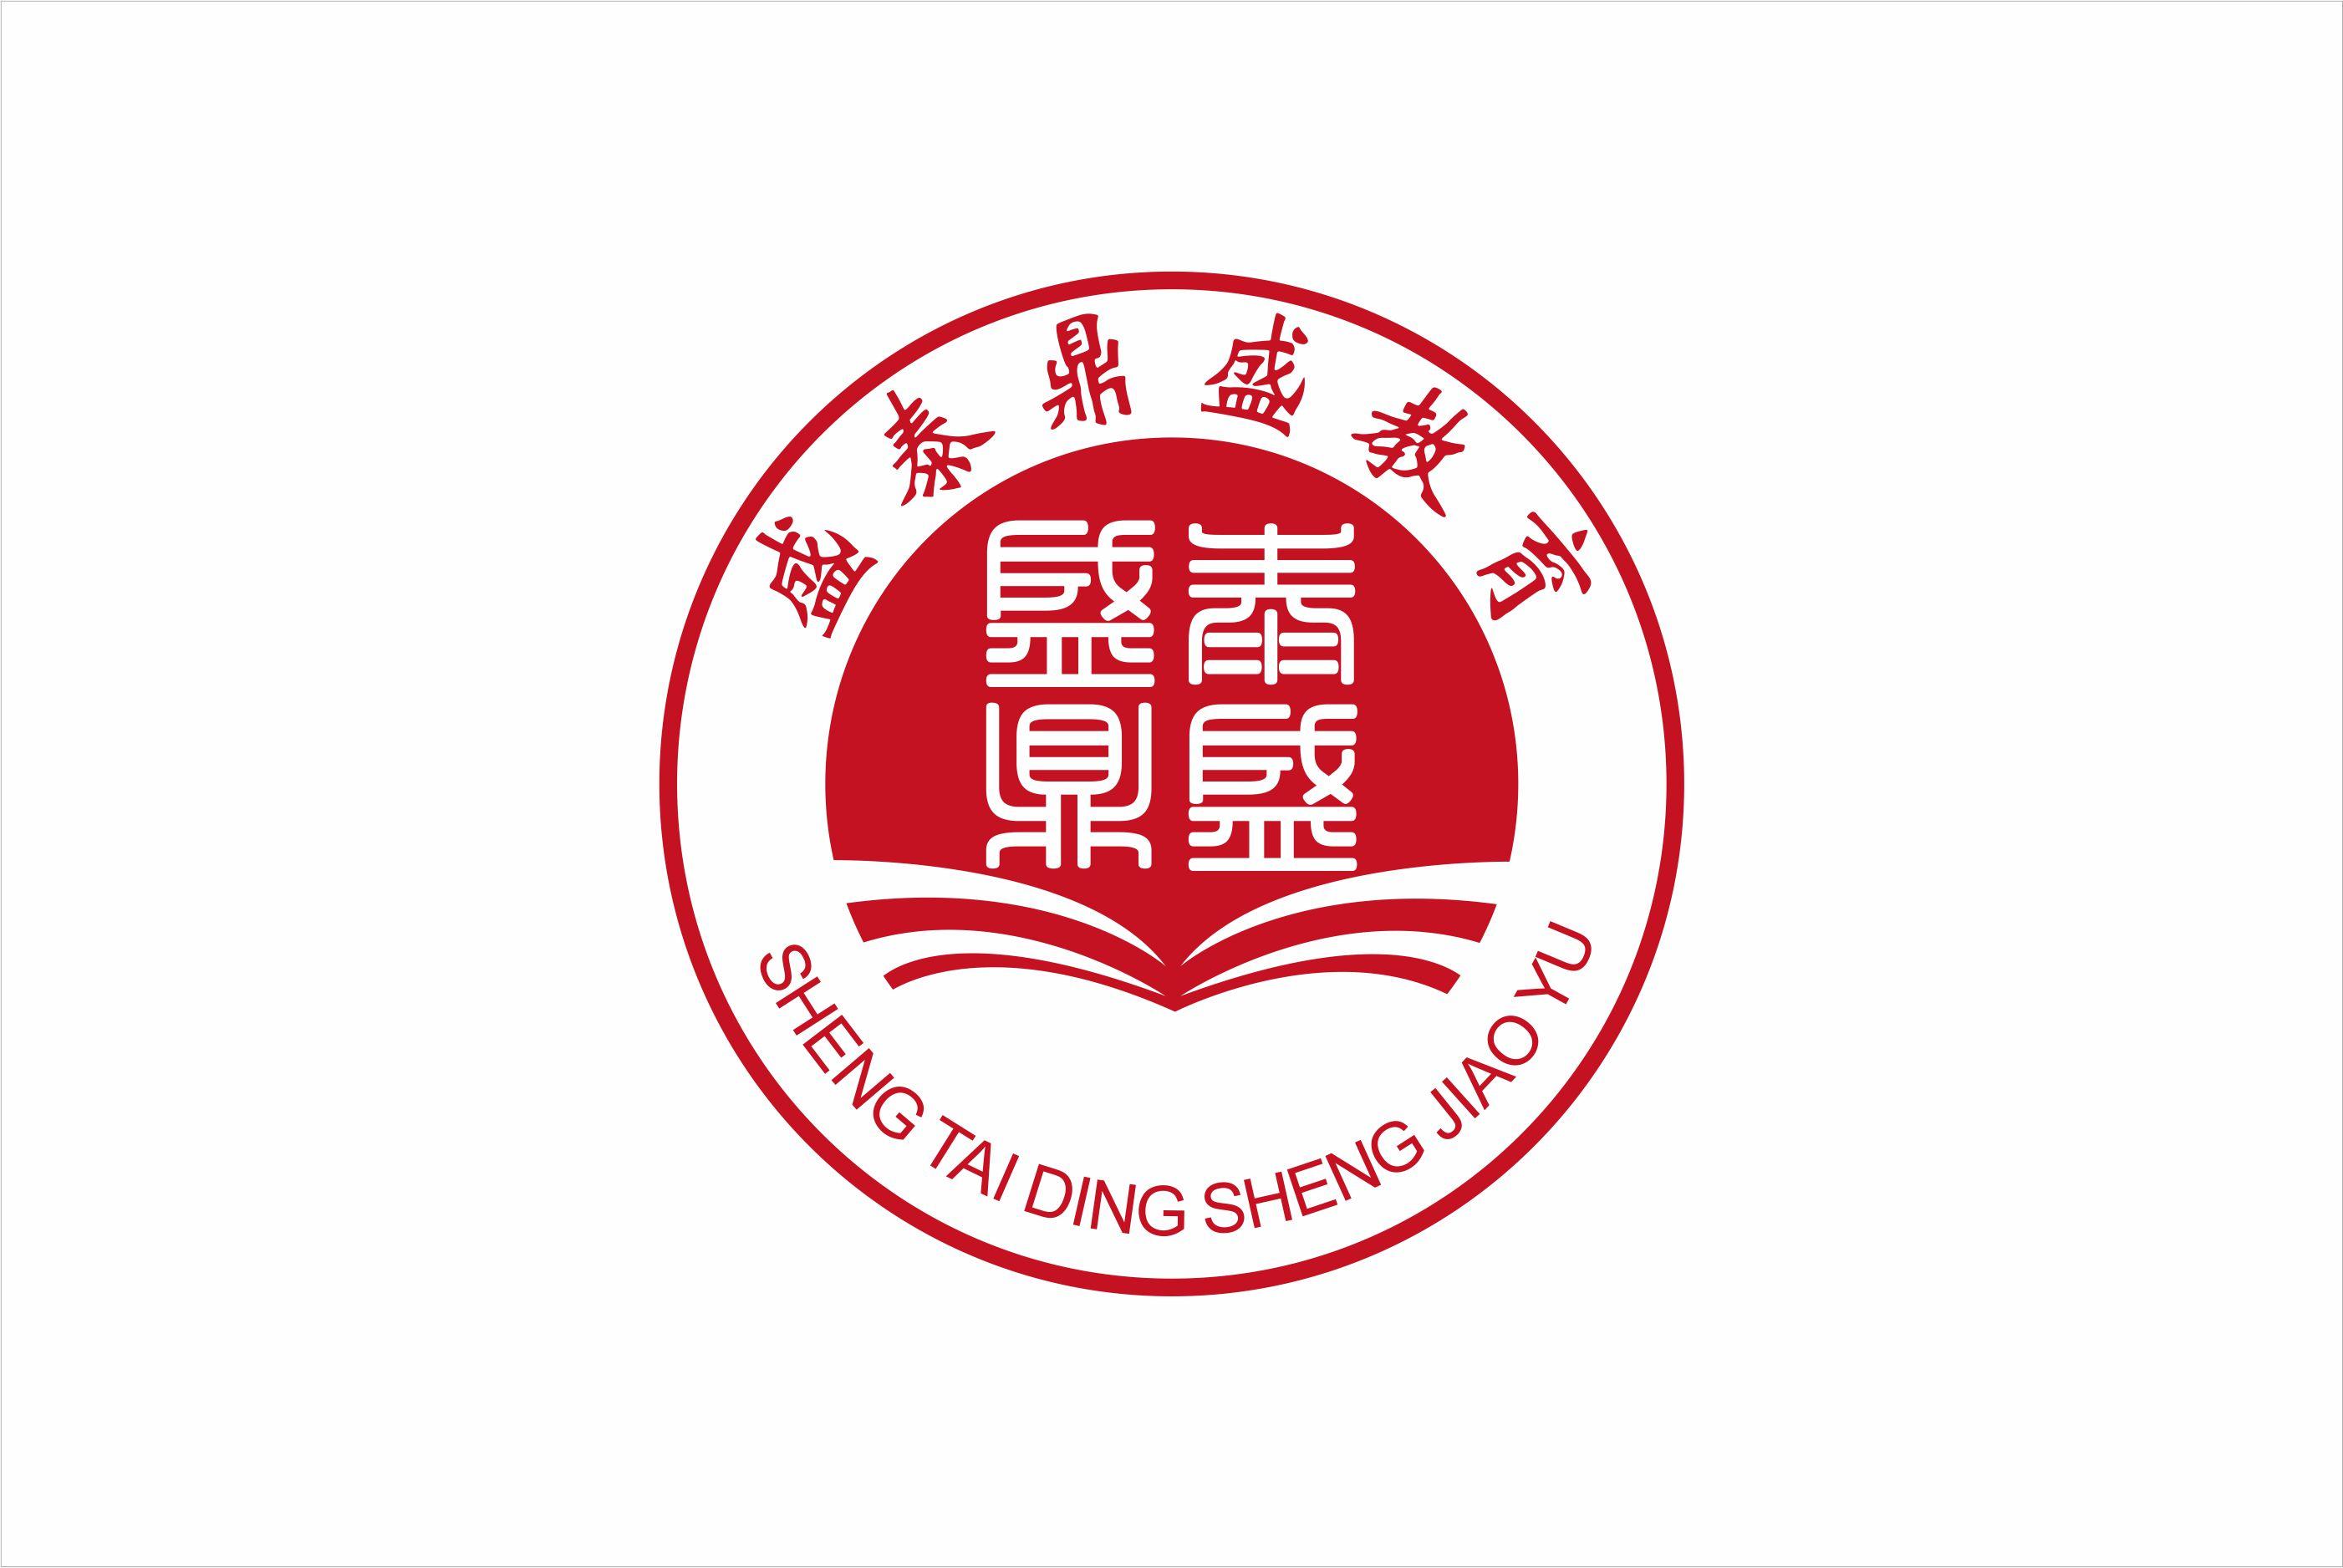 南通网教报名自考大专本科学历提升stds.com.cn